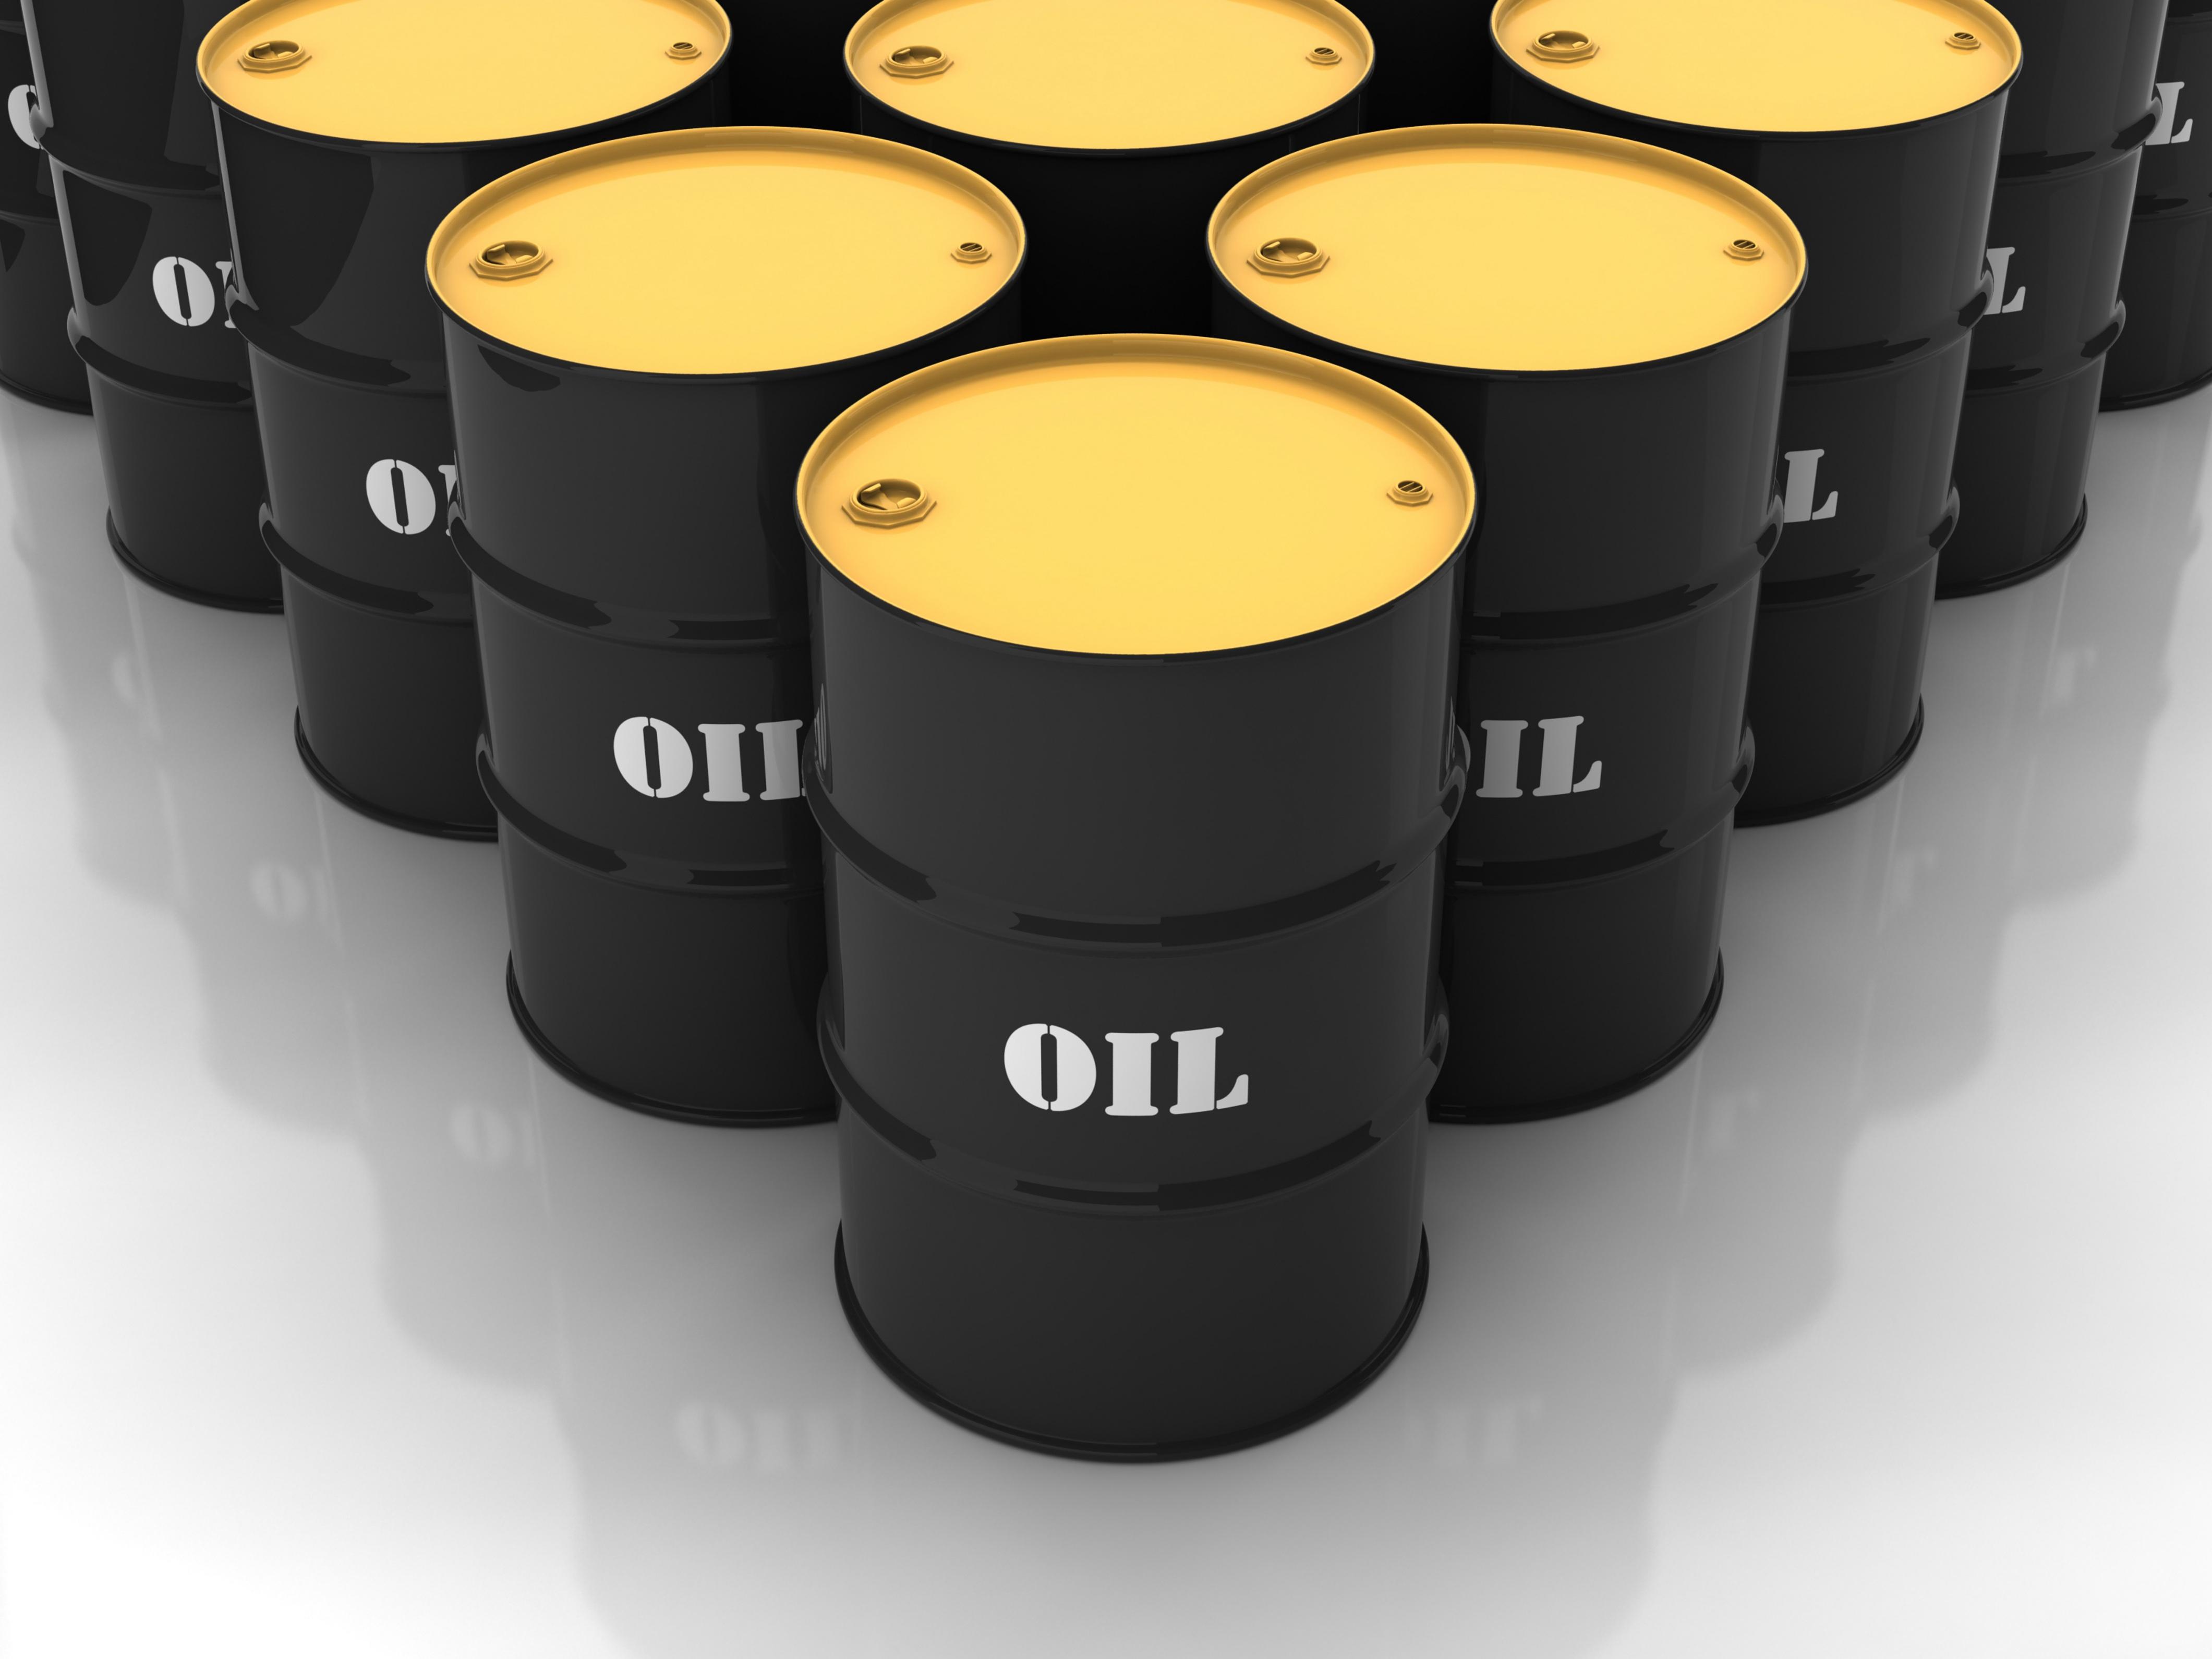 Mentre gli automobilisti guardano esclusivamente ai prezzi delle pompe di benzina, gli investitori fanno attenzione alla quantità di greggio che si sta accumulando nelle scorte. La logica? Le scorte aumentano quando l'offerta eccede la domanda e di conseguenza il prezzo tende a diminuire. 387,2 milioni di barili è il record assoluto per questo periodo dell'anno dal 1982. Nonostante ciò, il prezzo del petrolio potrebbe scendere ulteriormente nel 2015.